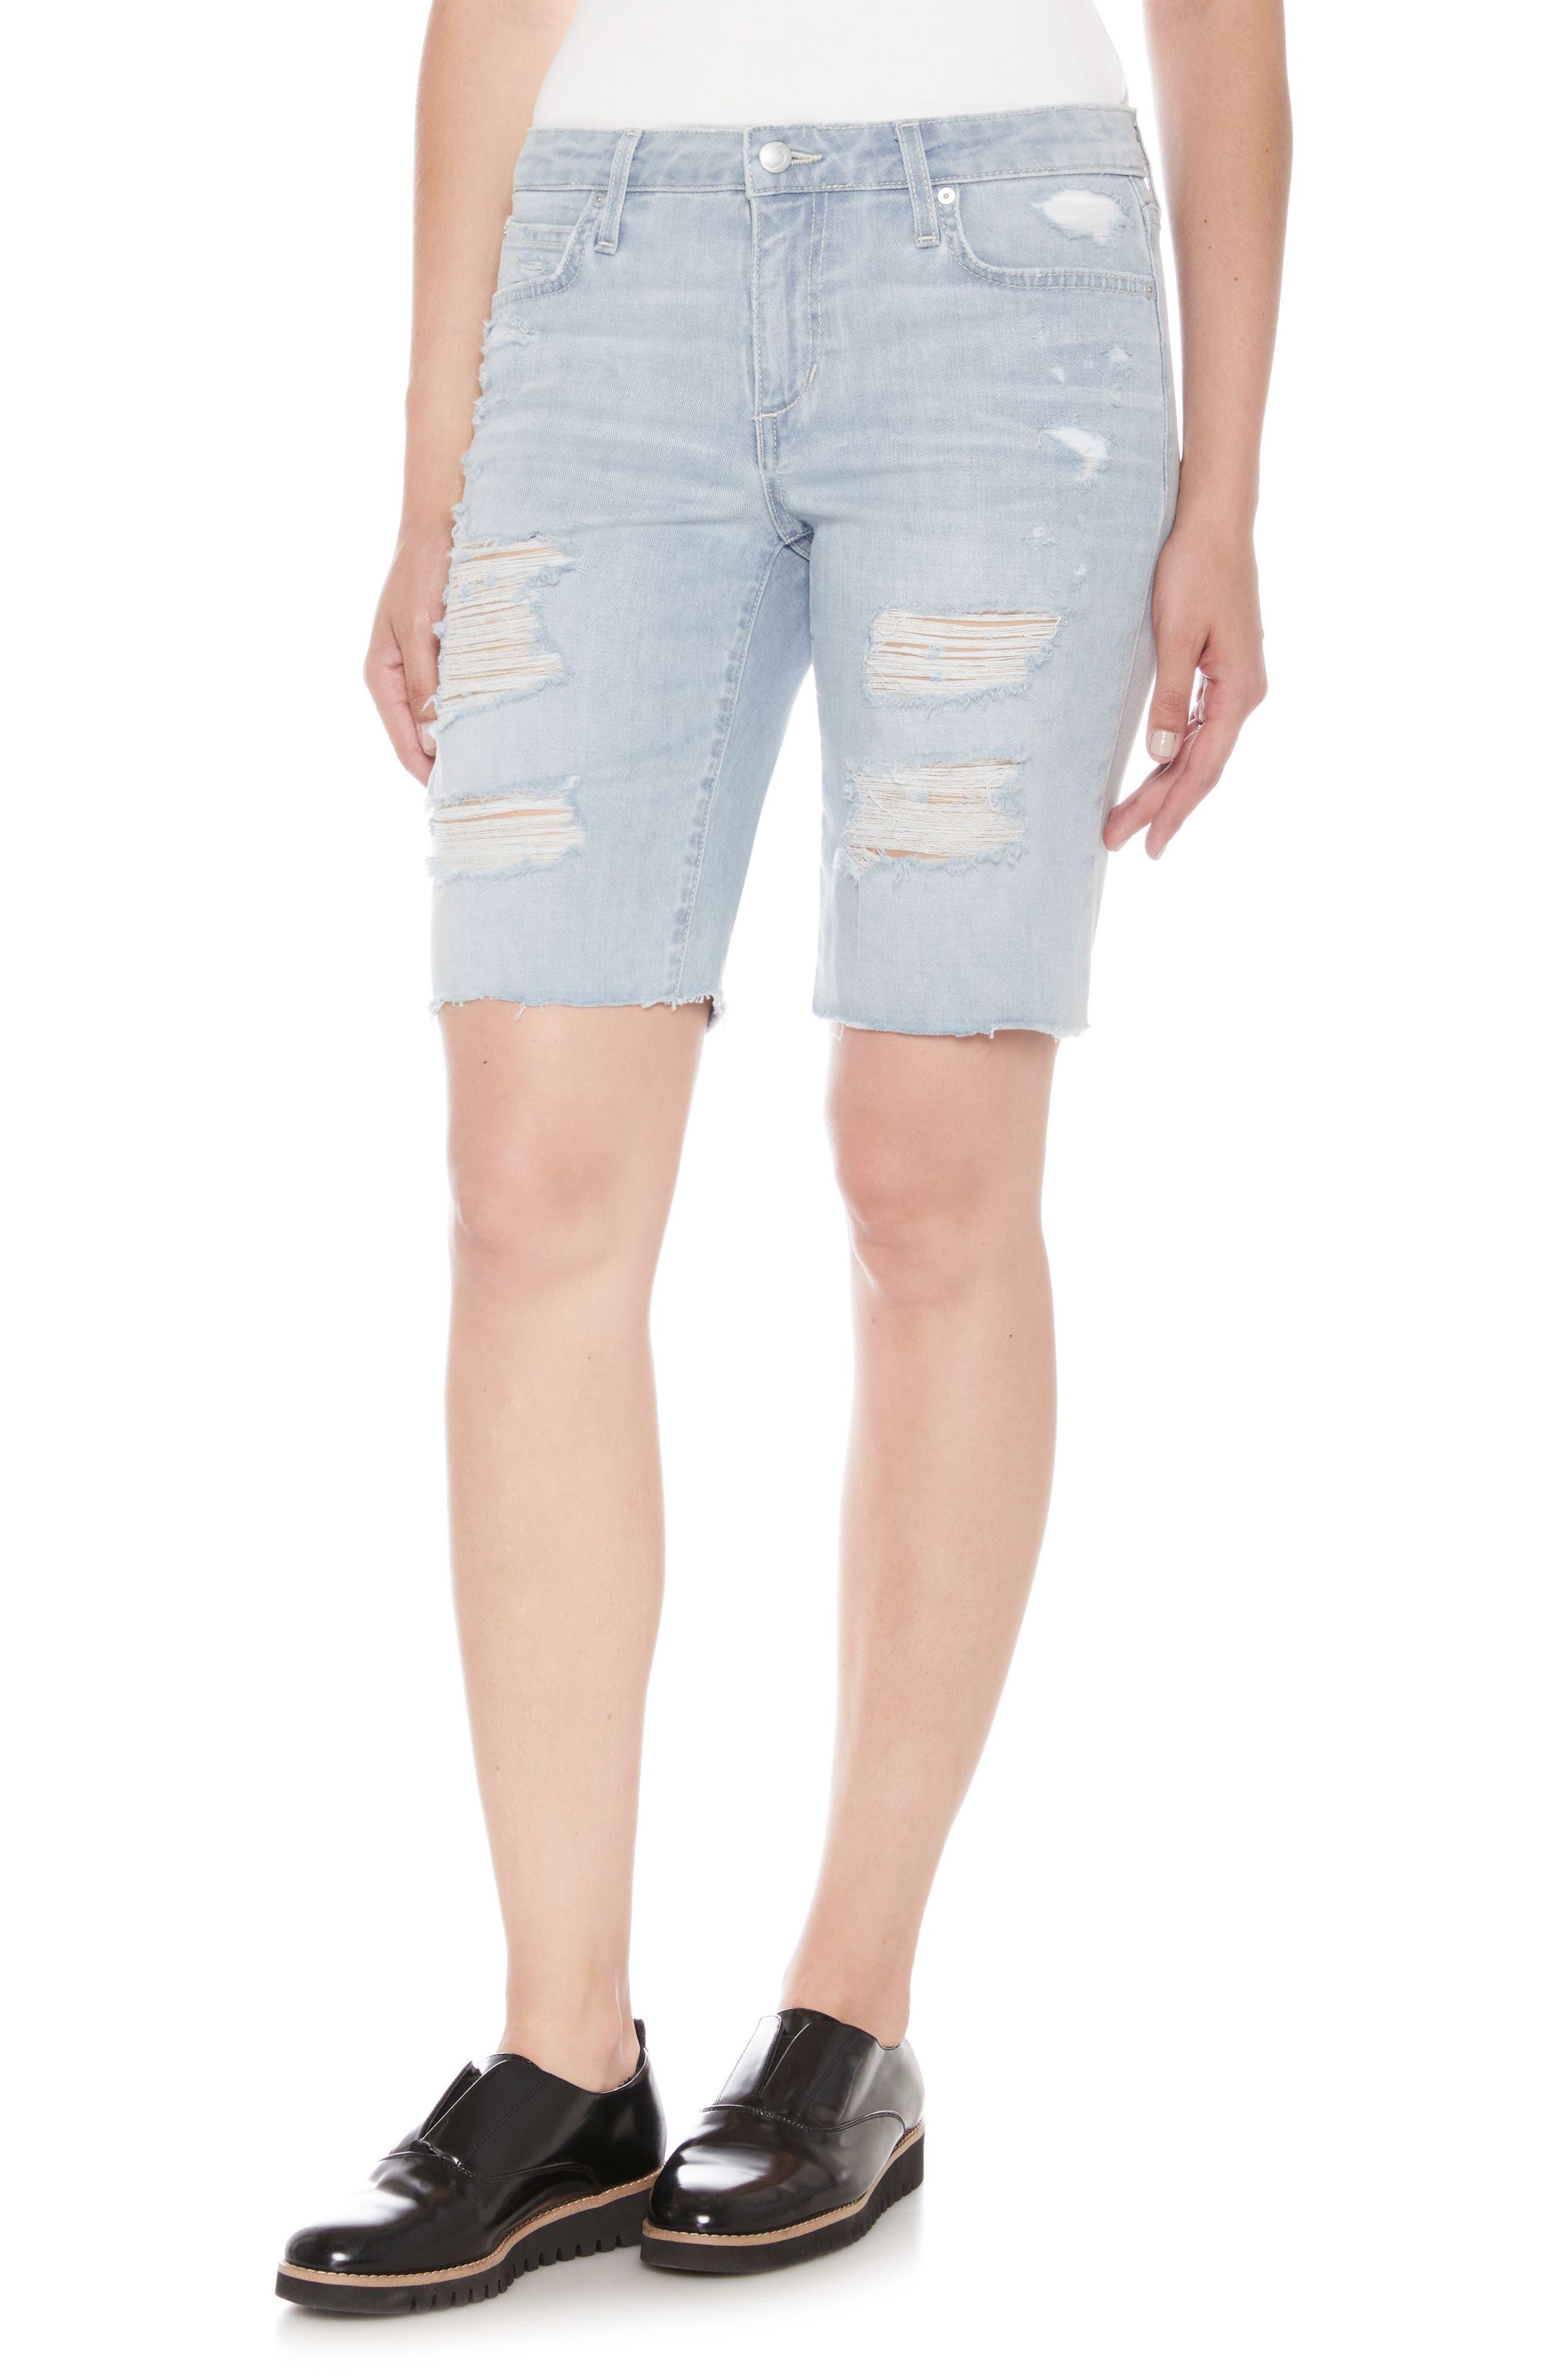 Finn Bermuda Shorts,                         Main,                         color, Teena